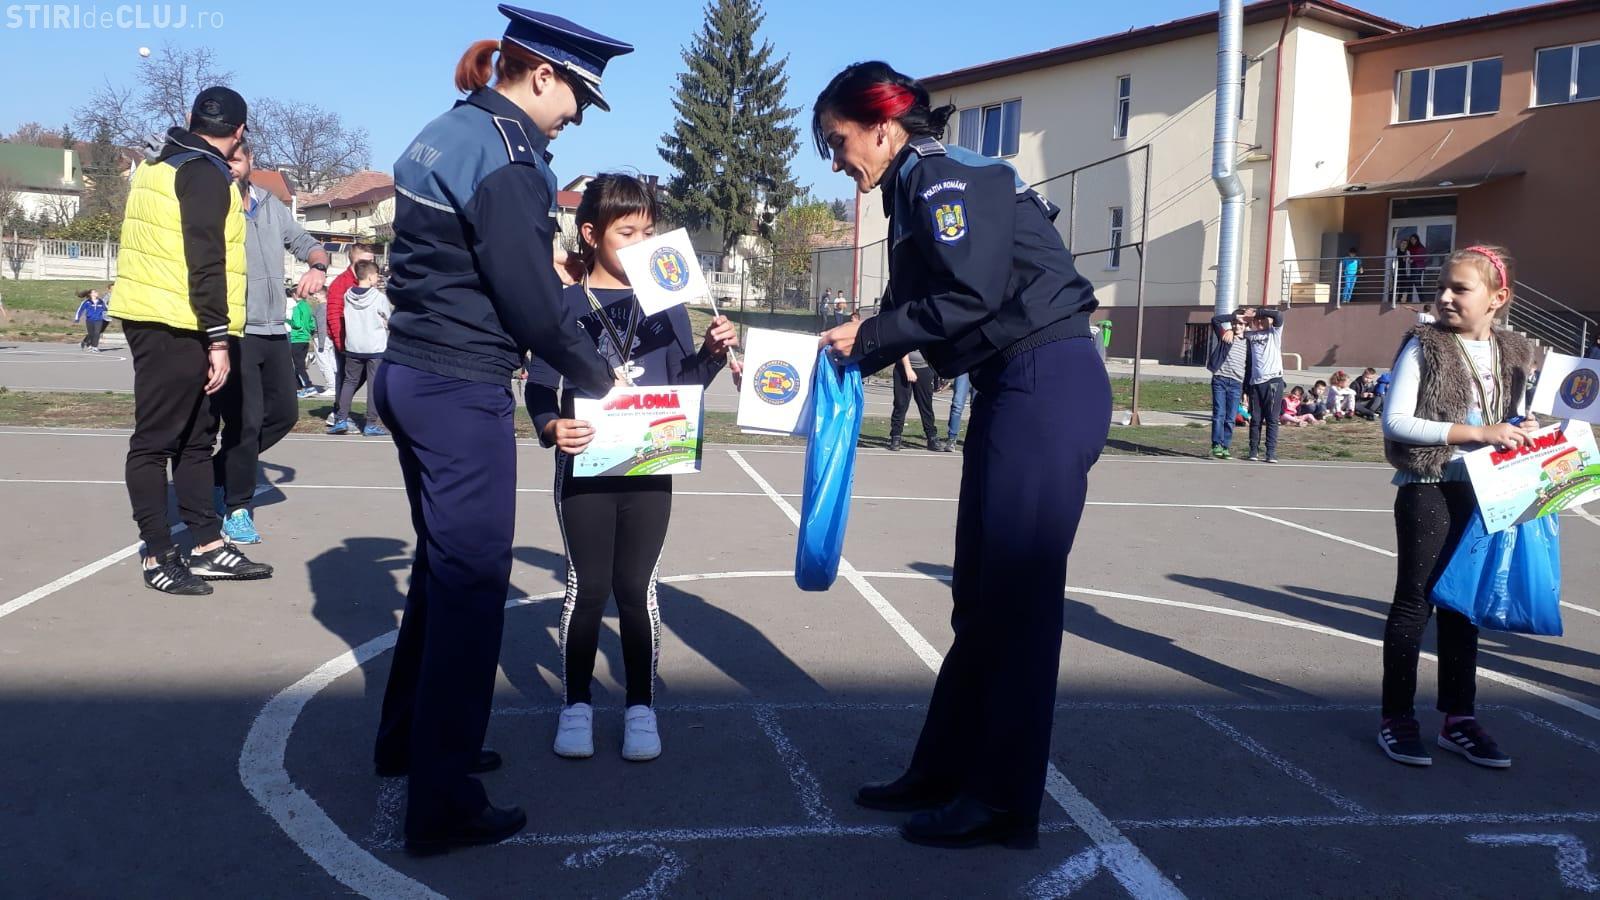 Polițiștii clujeni au stat de vorbă cu elevii despre bullying